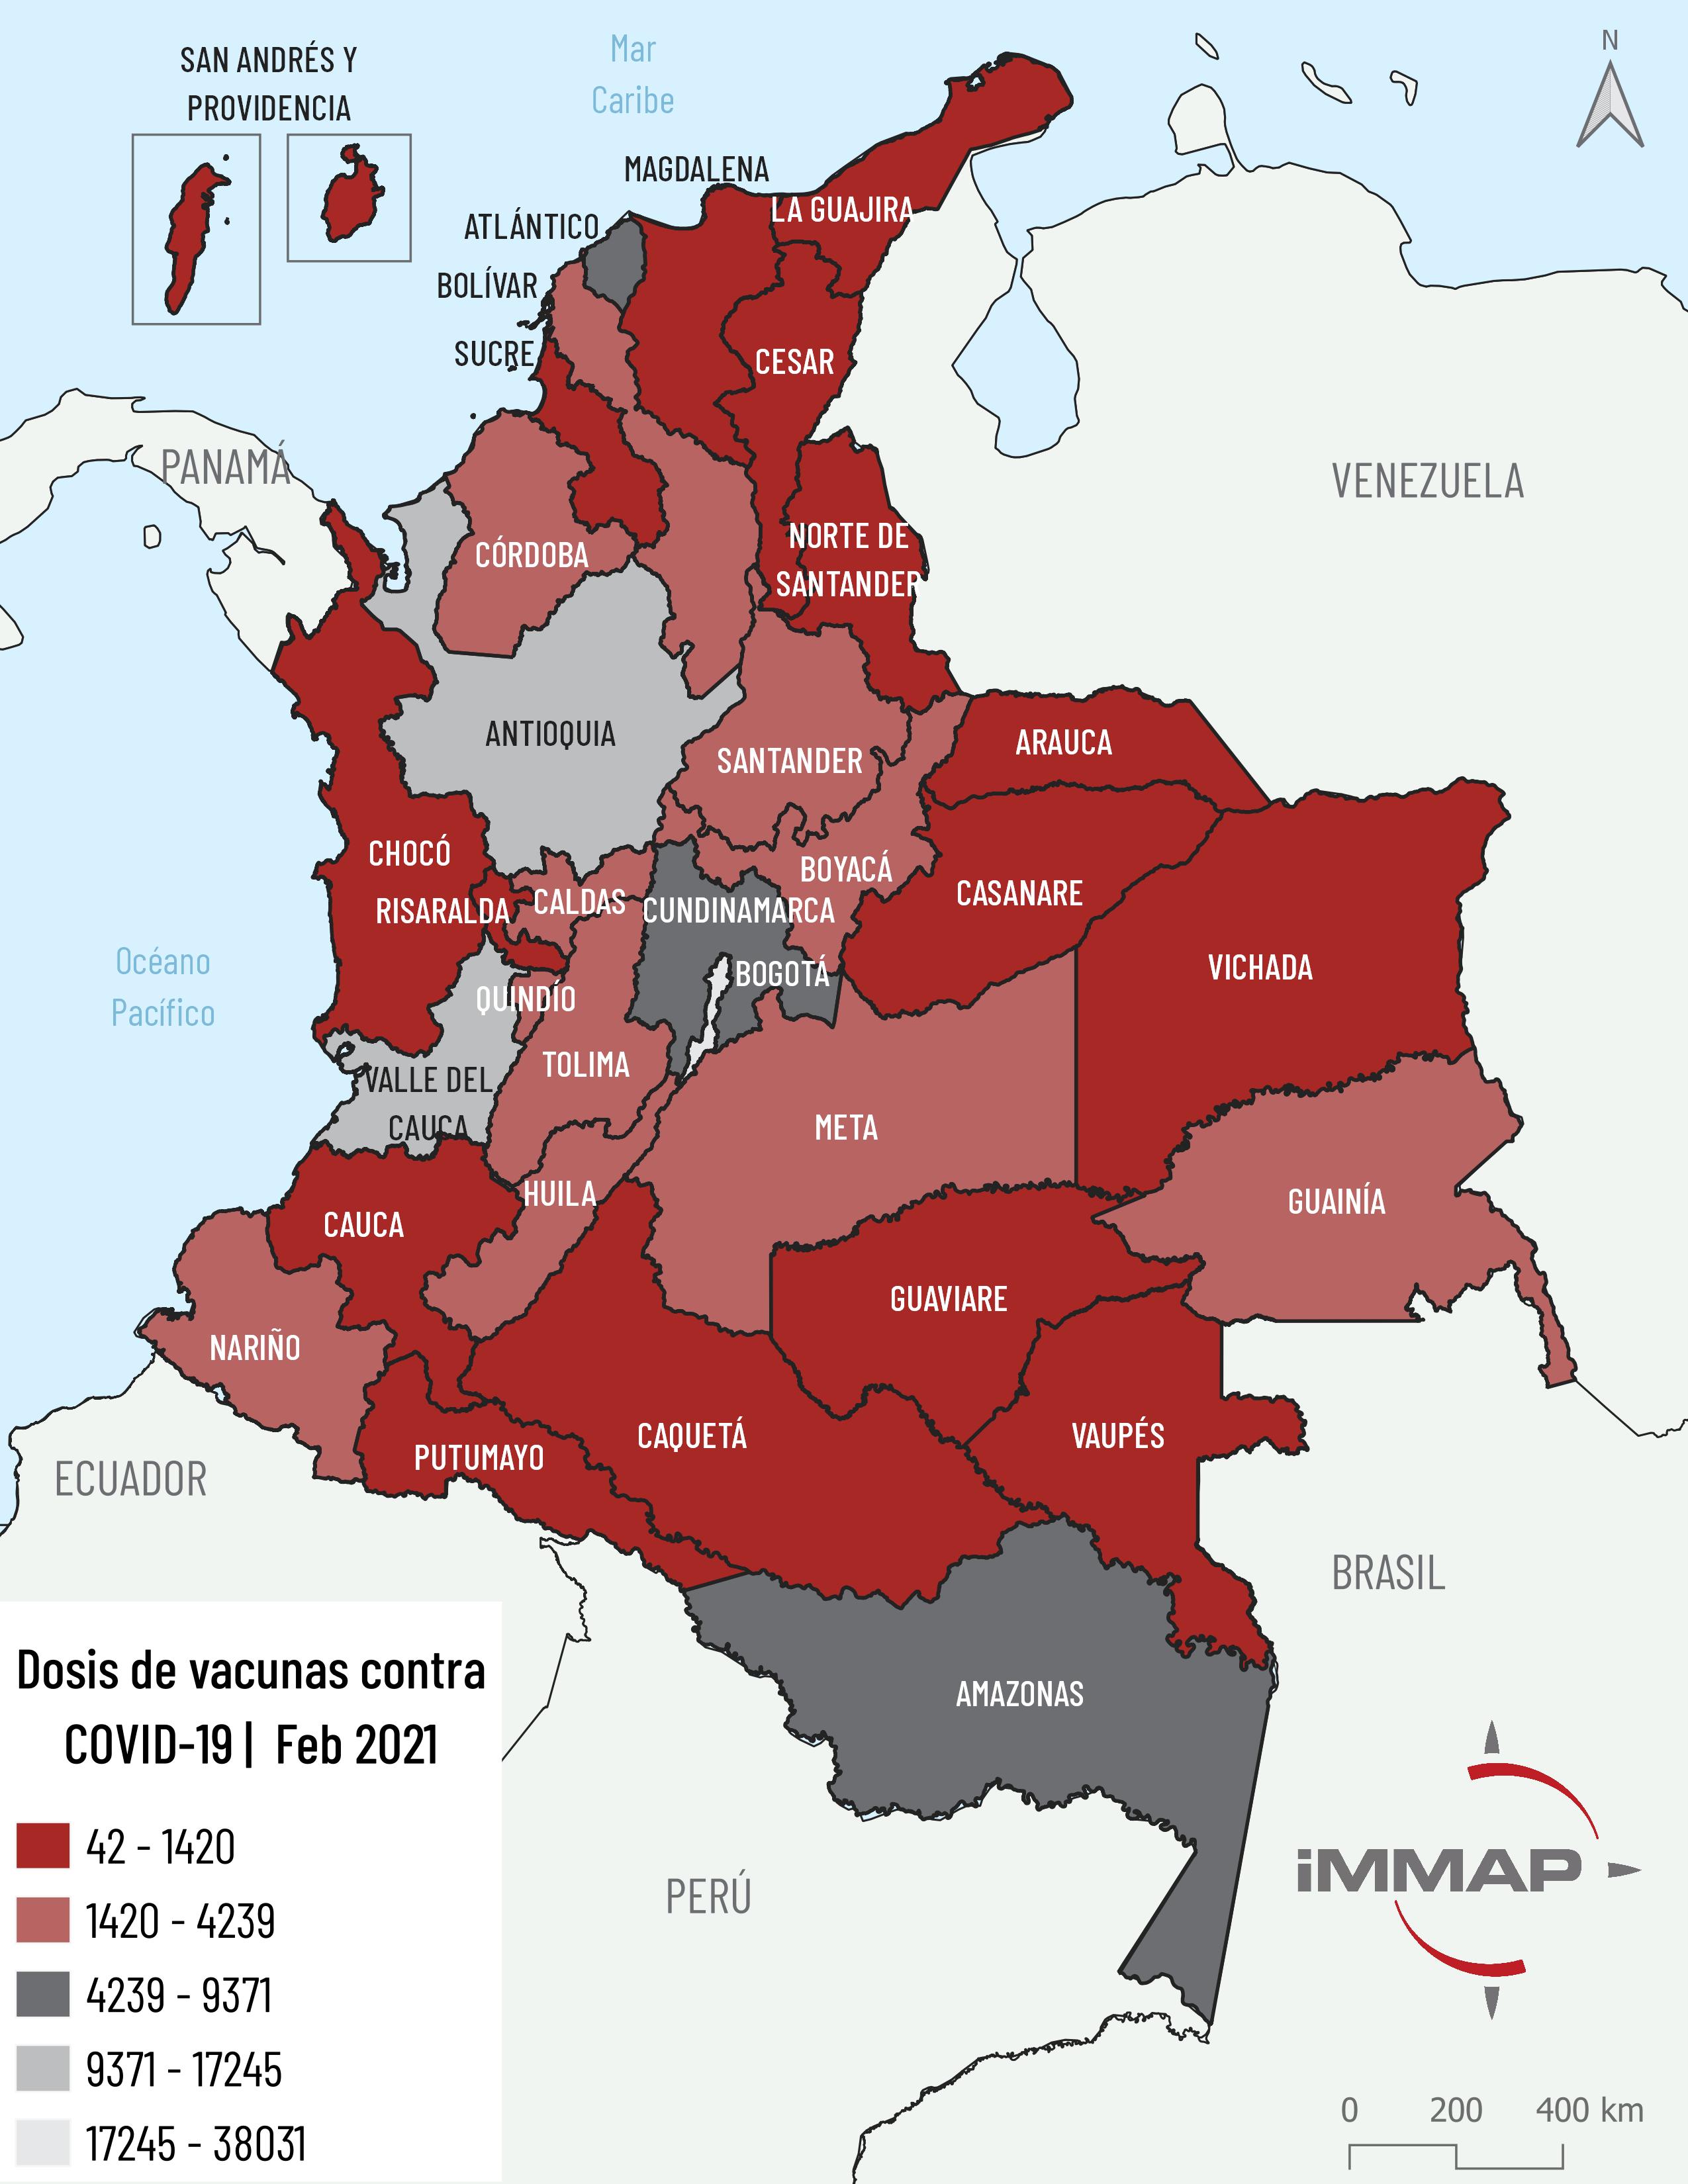 COVID-19 | Dosis suministradas de vacunas